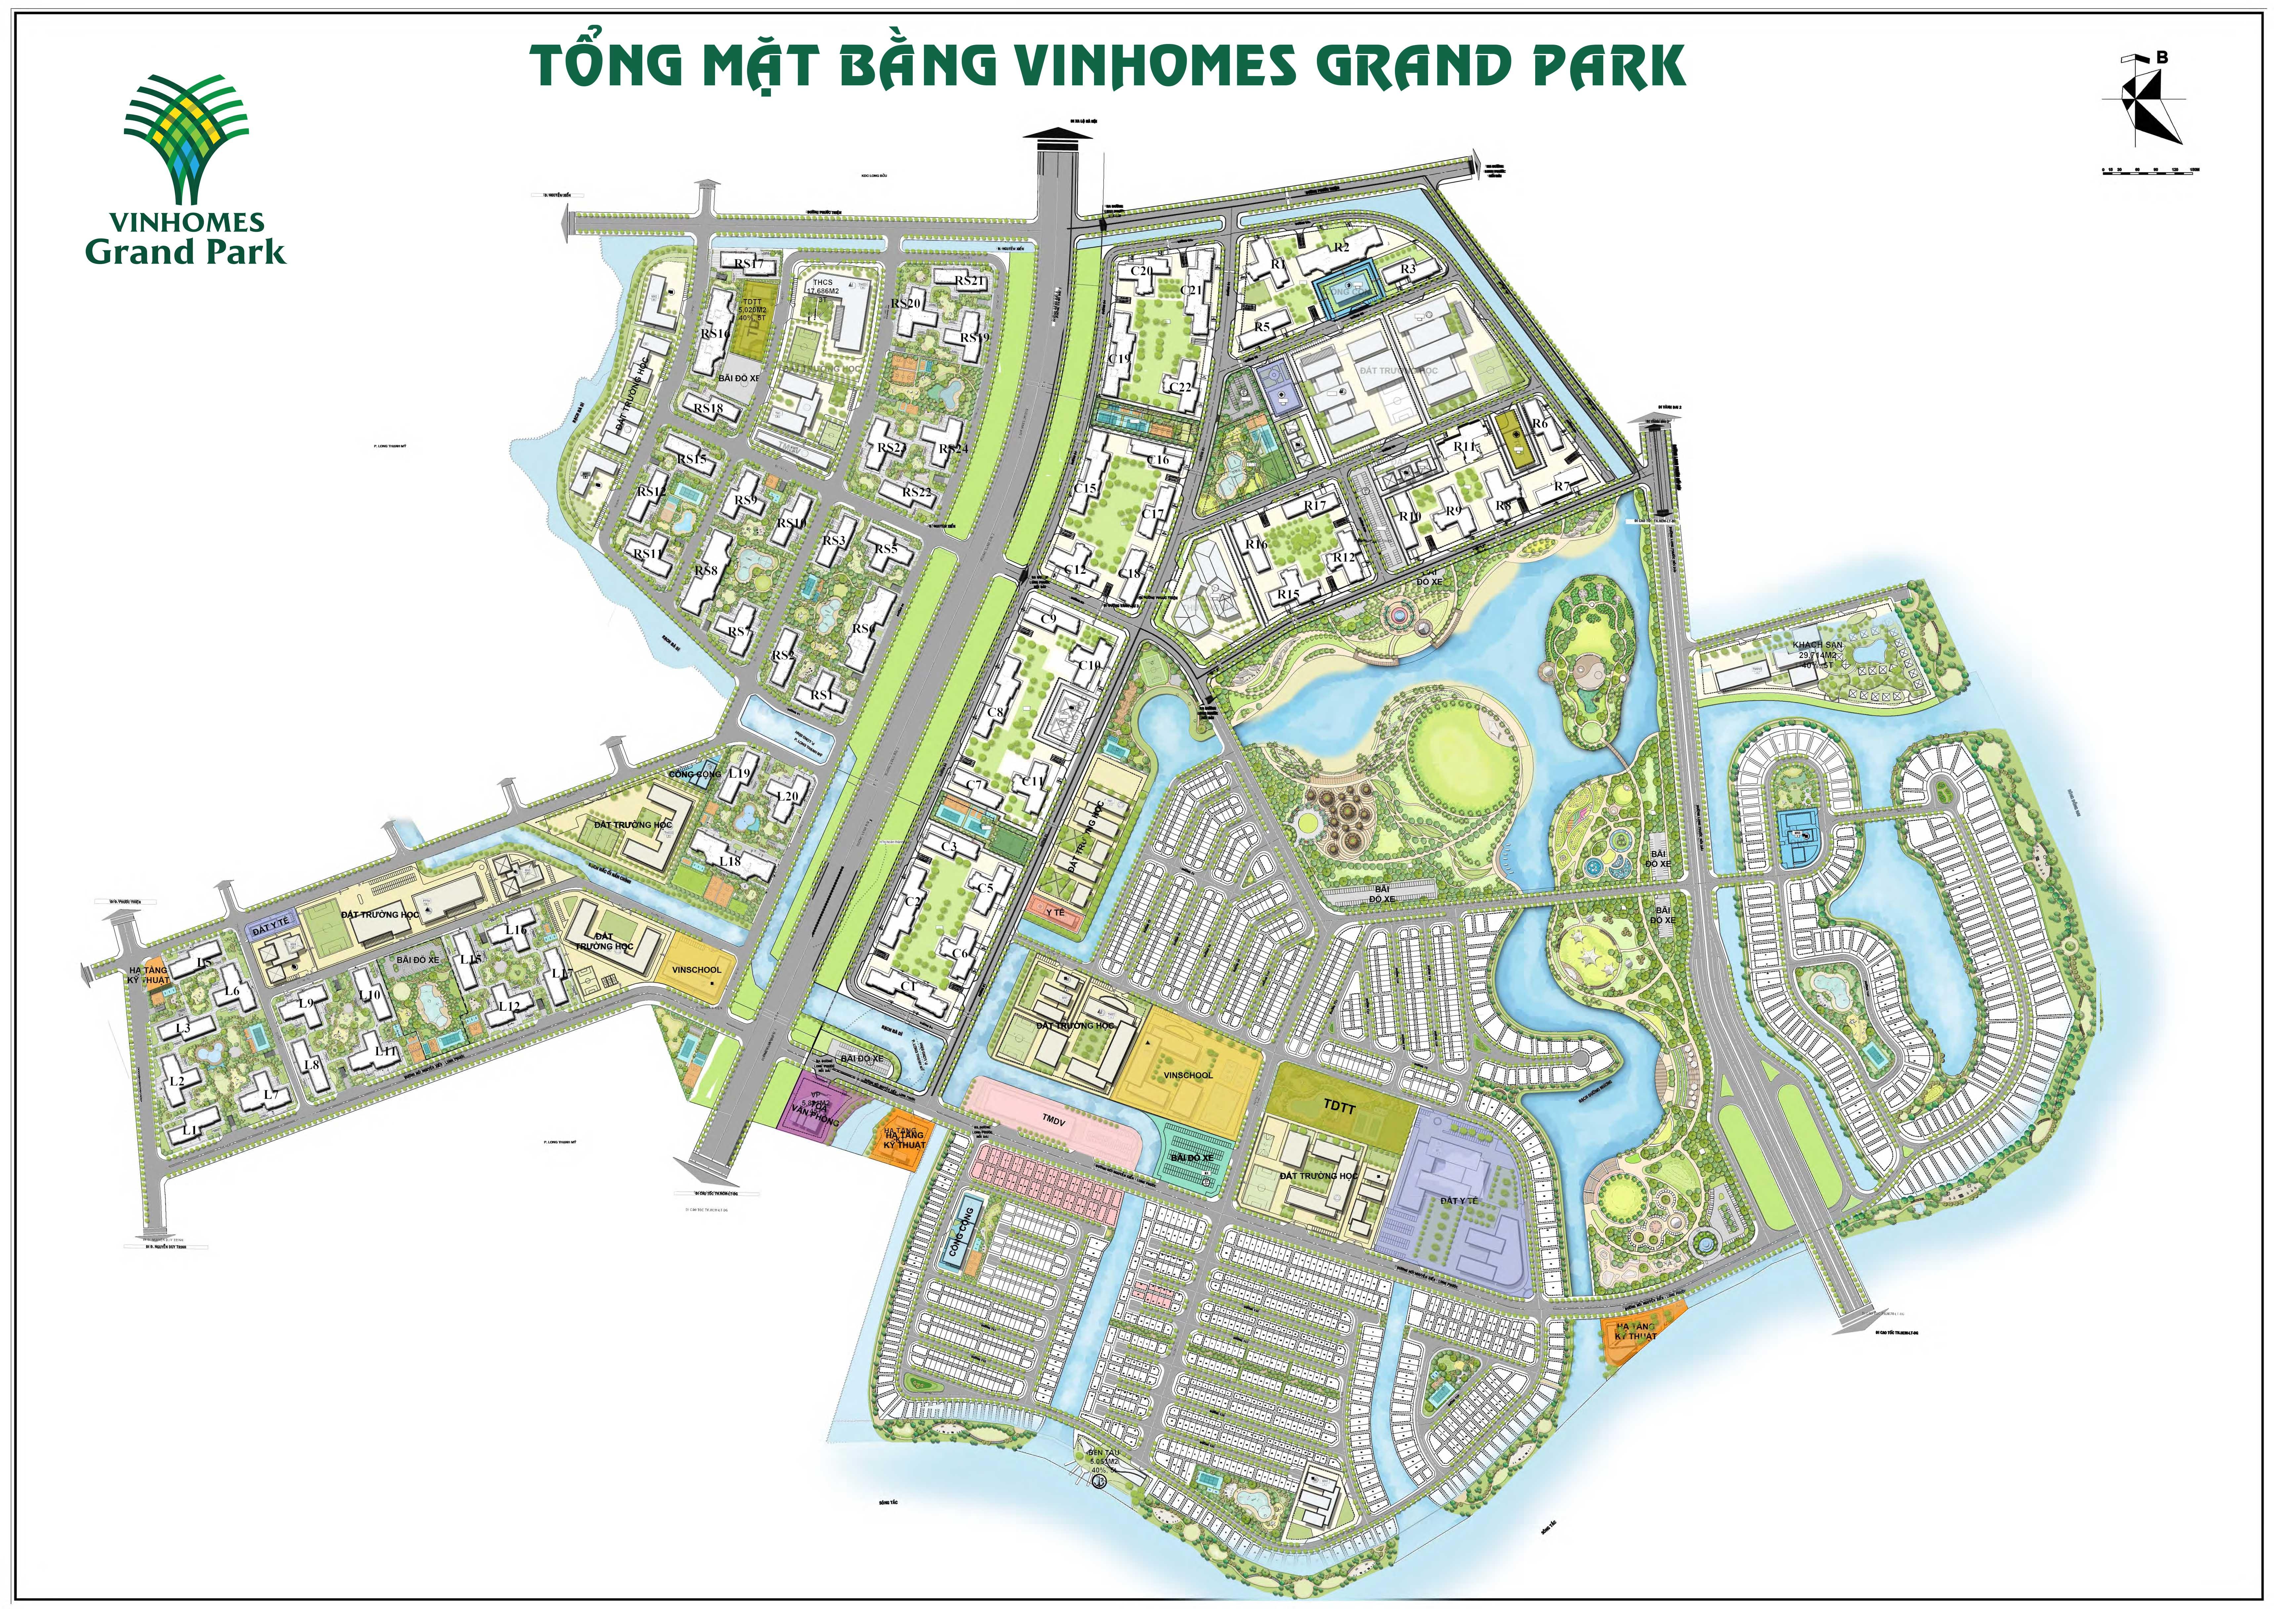 Tổng mặt bằng Vinhomes Grand Park